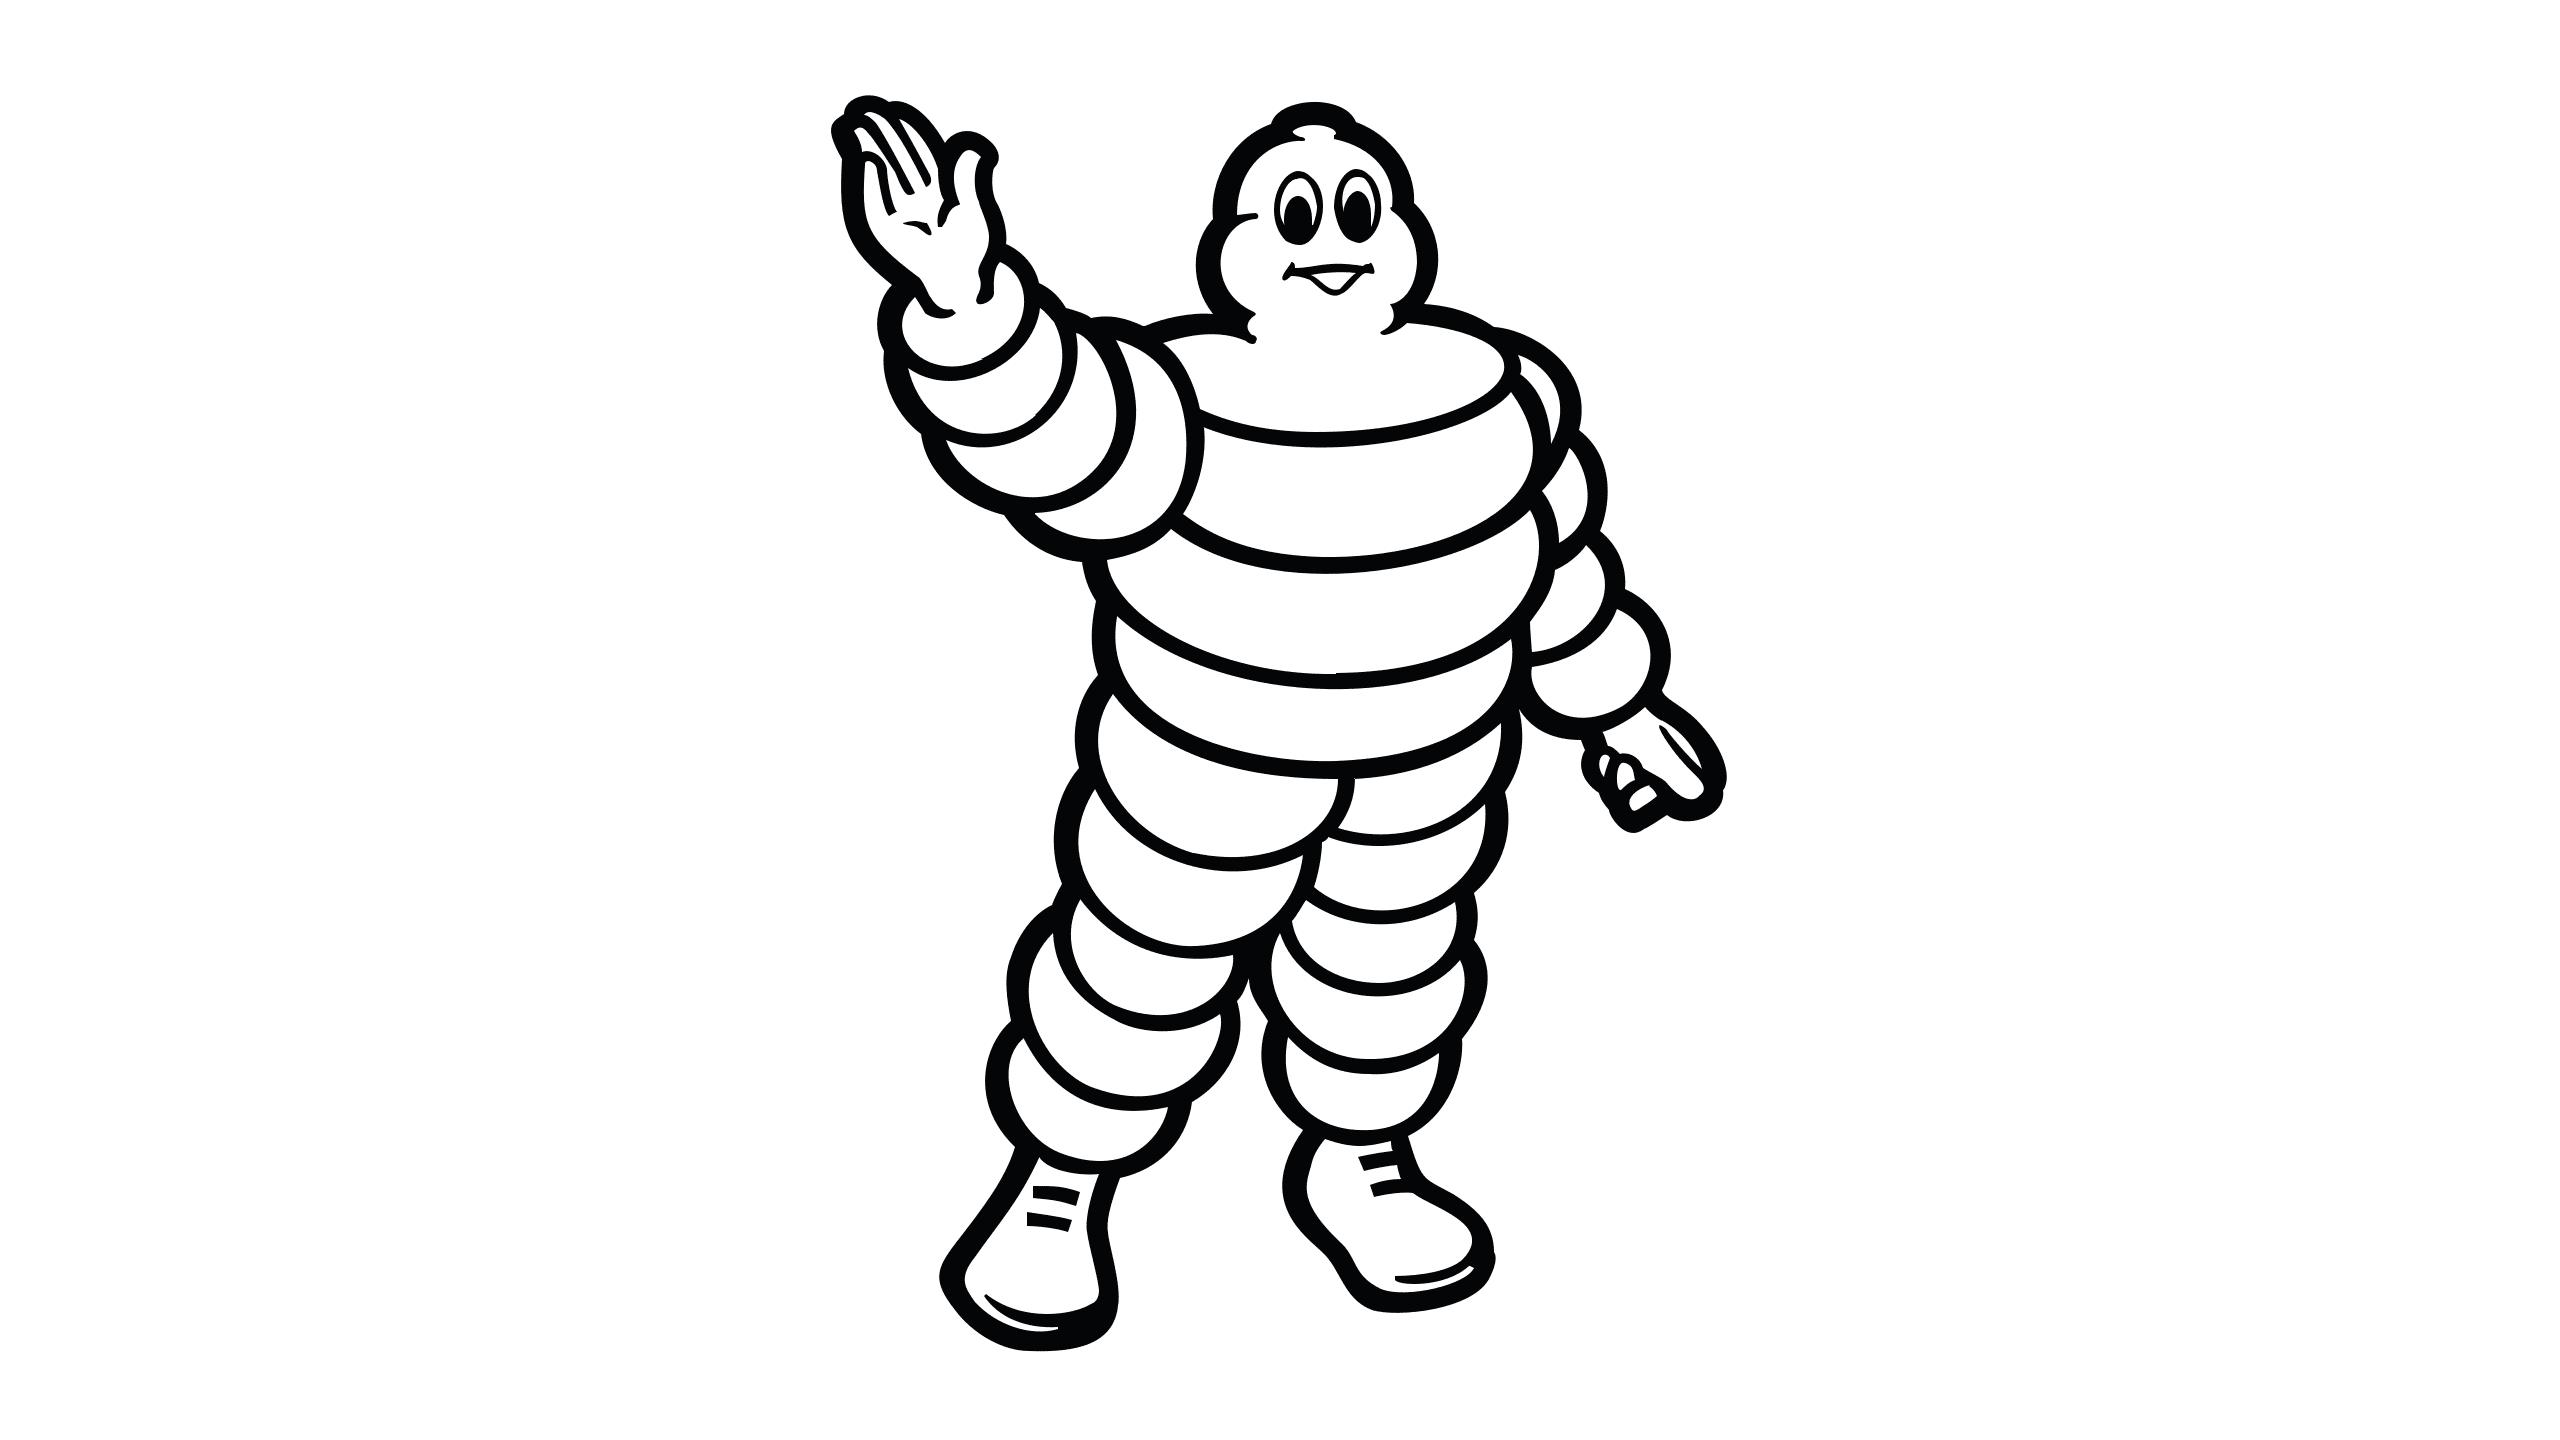 Significado del logo de Michelin